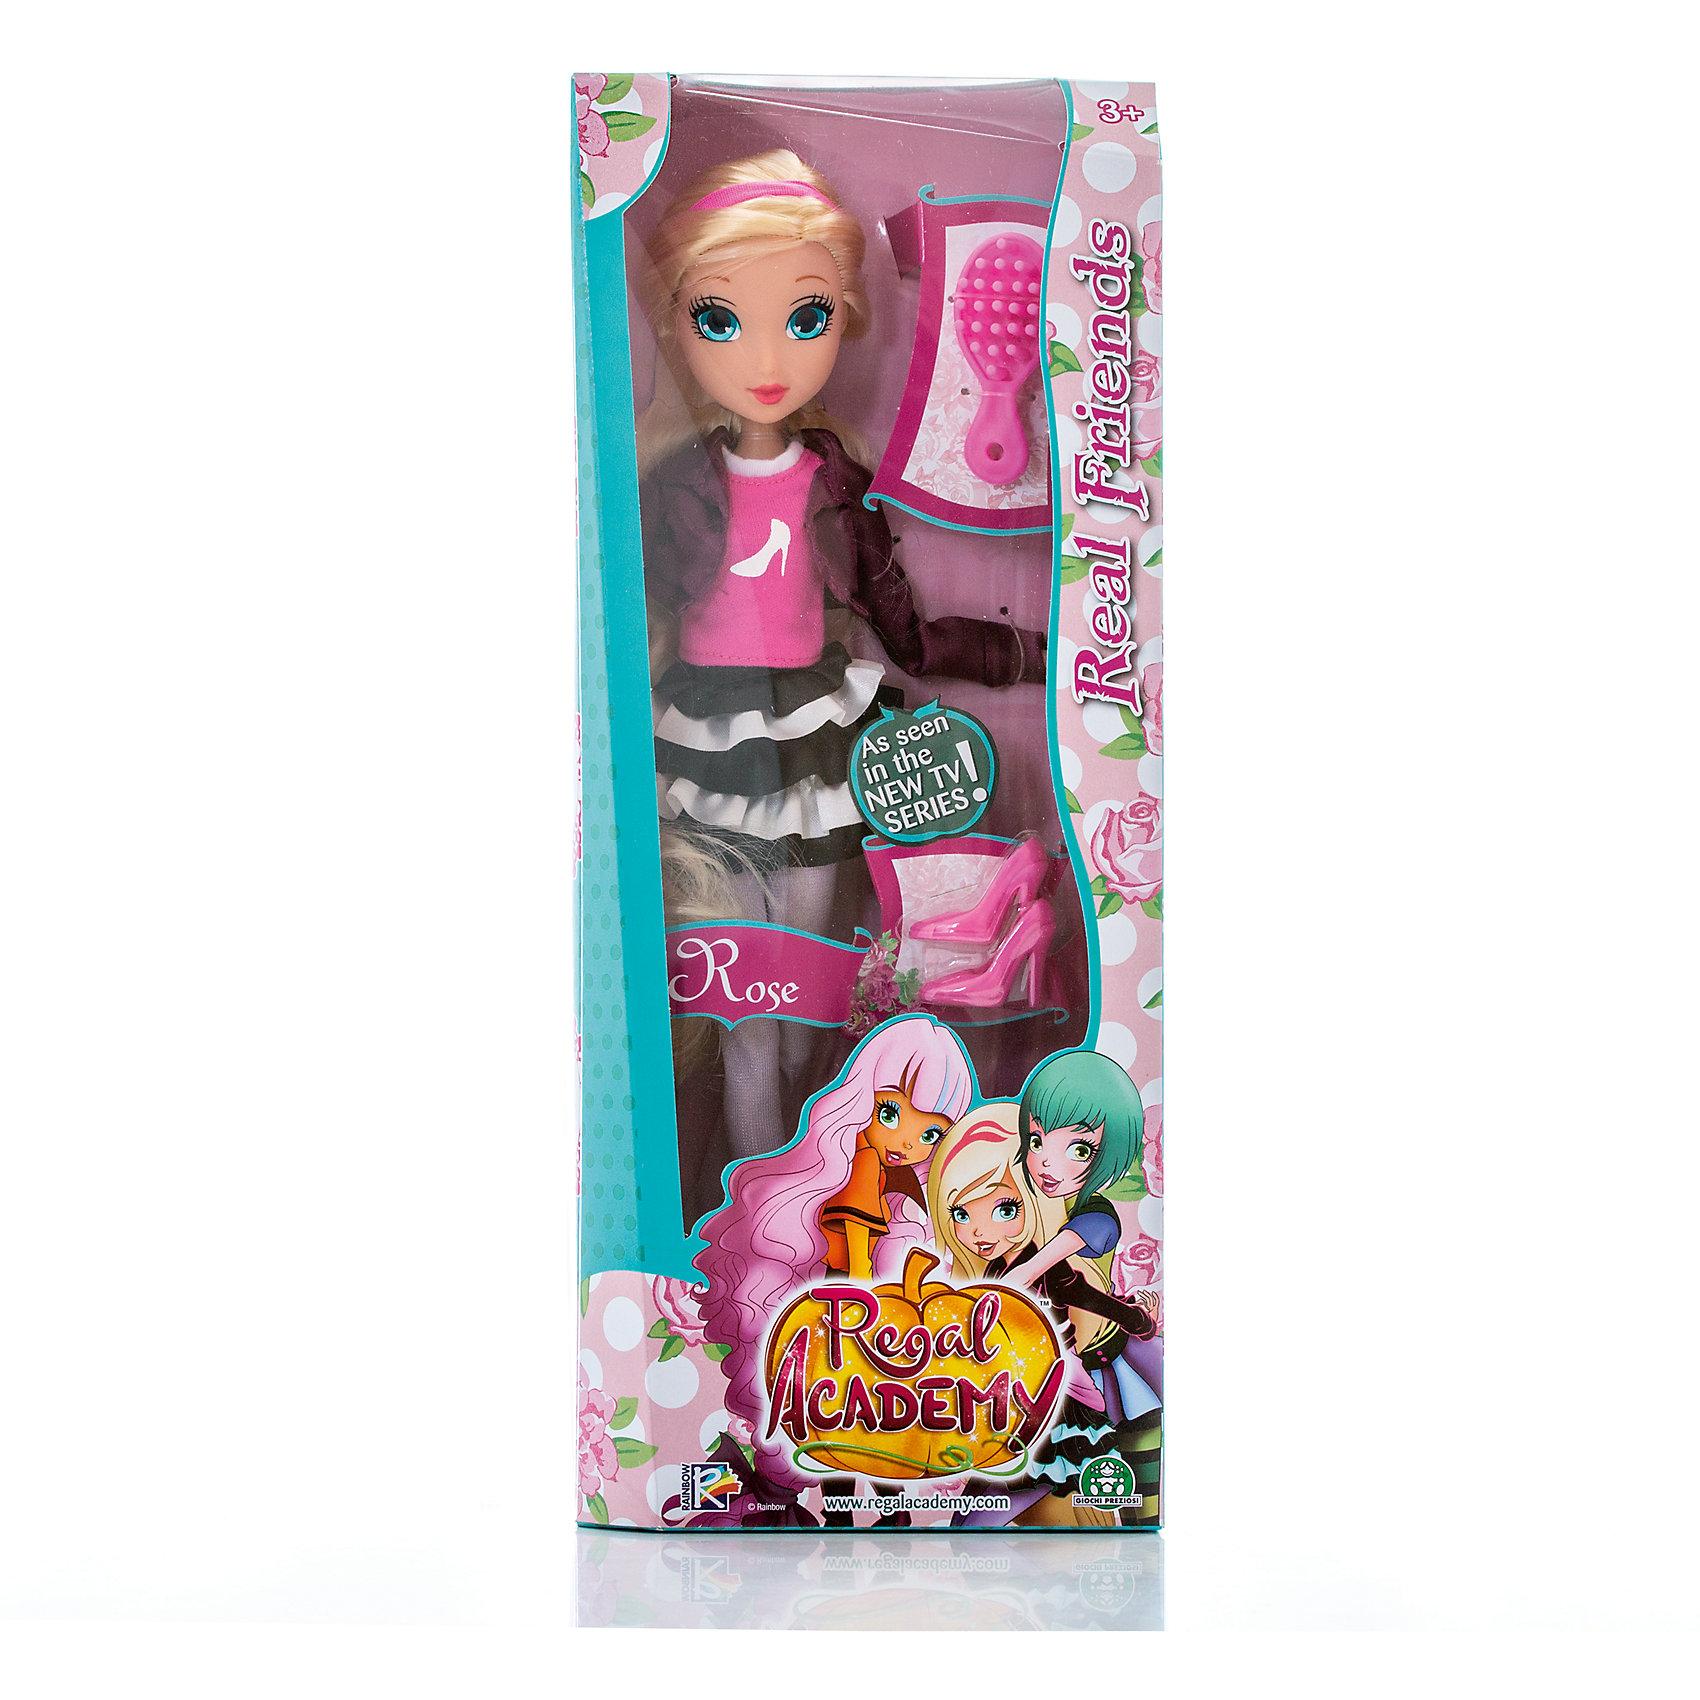 Кукла Роуз, Королевская академия, 30 смКуклы<br>Кукла Роуз, Королевская академия, 30 см<br><br>Характеристики:<br><br>• дополнительные аксессуары в комплекте<br>• высота куклы: 30 см<br>• материал: пластик, текстиль<br>• размер упаковки: 35х14х6 см<br>• вес: 347 грамм<br><br>Роуз - внучка Золушки. Она с удовольствием посещает Королевскую академии и просто обожает обувь. Специально для юной модницы в комплект входят очаровательные розовые туфельки. А для шикарных светлых волос девочки предусмотрена расческа. Роуз одета в стильную юбочку, гетры, топ и жакет. Голову куклы украшает розовая повязка. Ноги и руки куклы сгибаются, что позволяет принять нужную позу для игры. Стильный наряд, большие голубые глаза и густые длинные волосы - эта кукла станет настоящим подарком для юных принцесс!<br><br>Куклу Роуз, Королевская академия, 30 см вы можете купить в нашем интернет-магазине.<br><br>Ширина мм: 60<br>Глубина мм: 140<br>Высота мм: 350<br>Вес г: 347<br>Возраст от месяцев: 36<br>Возраст до месяцев: 2147483647<br>Пол: Женский<br>Возраст: Детский<br>SKU: 5397306